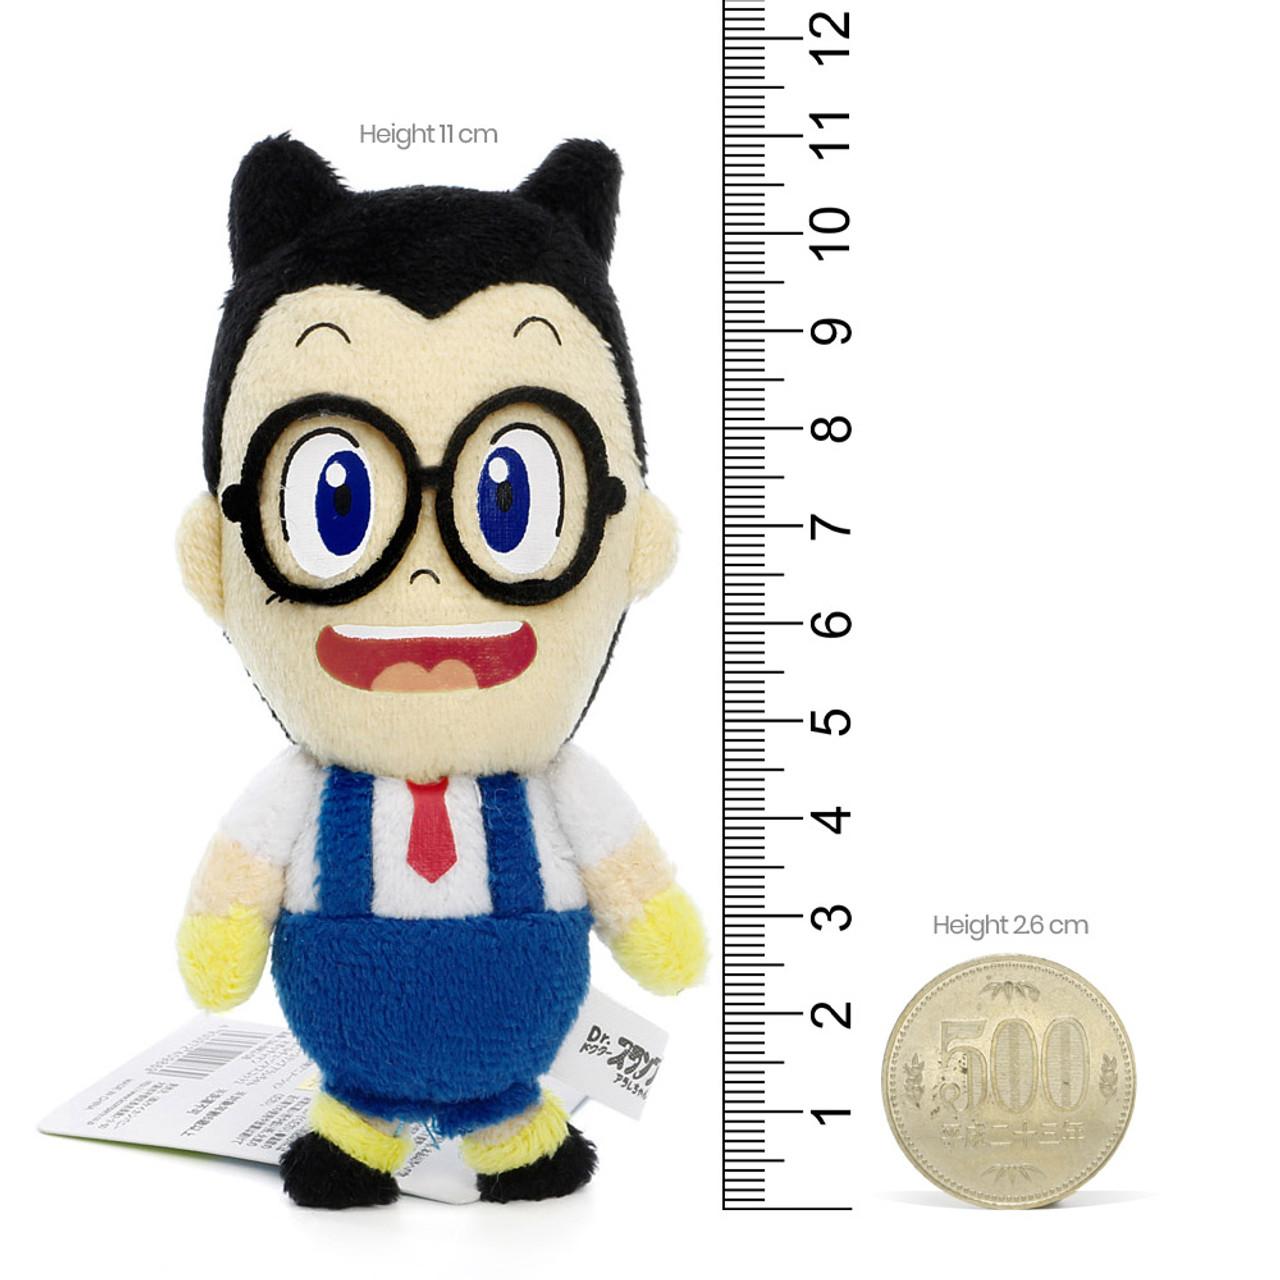 Obotchaman Mascot Plush Keychain ( Proportion )